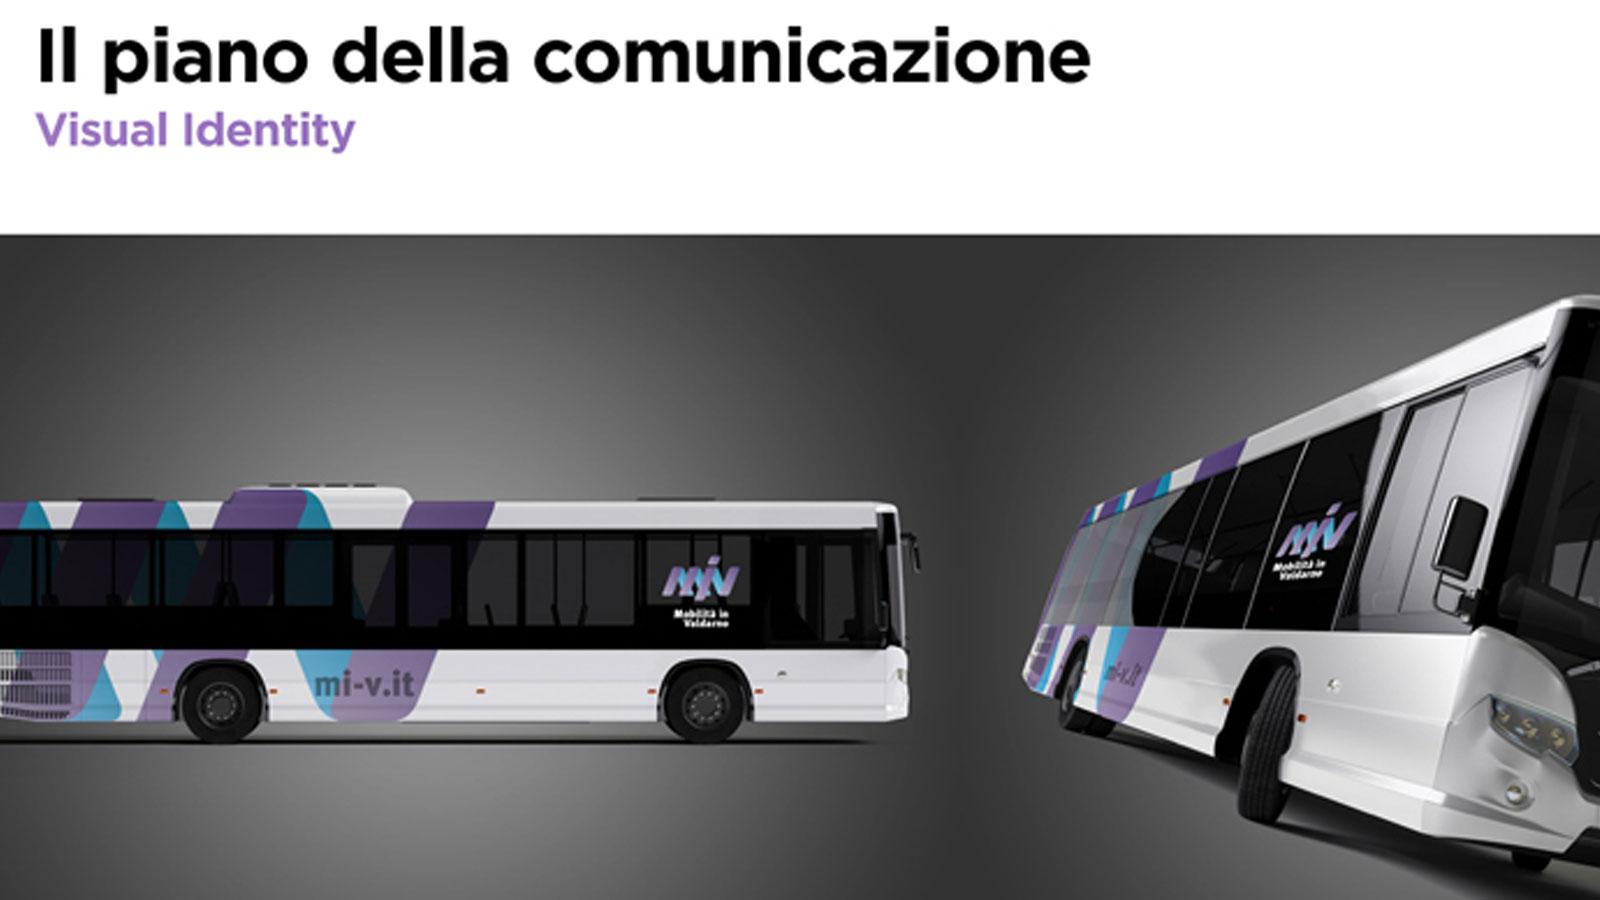 piano_comunicazione_miv_ok